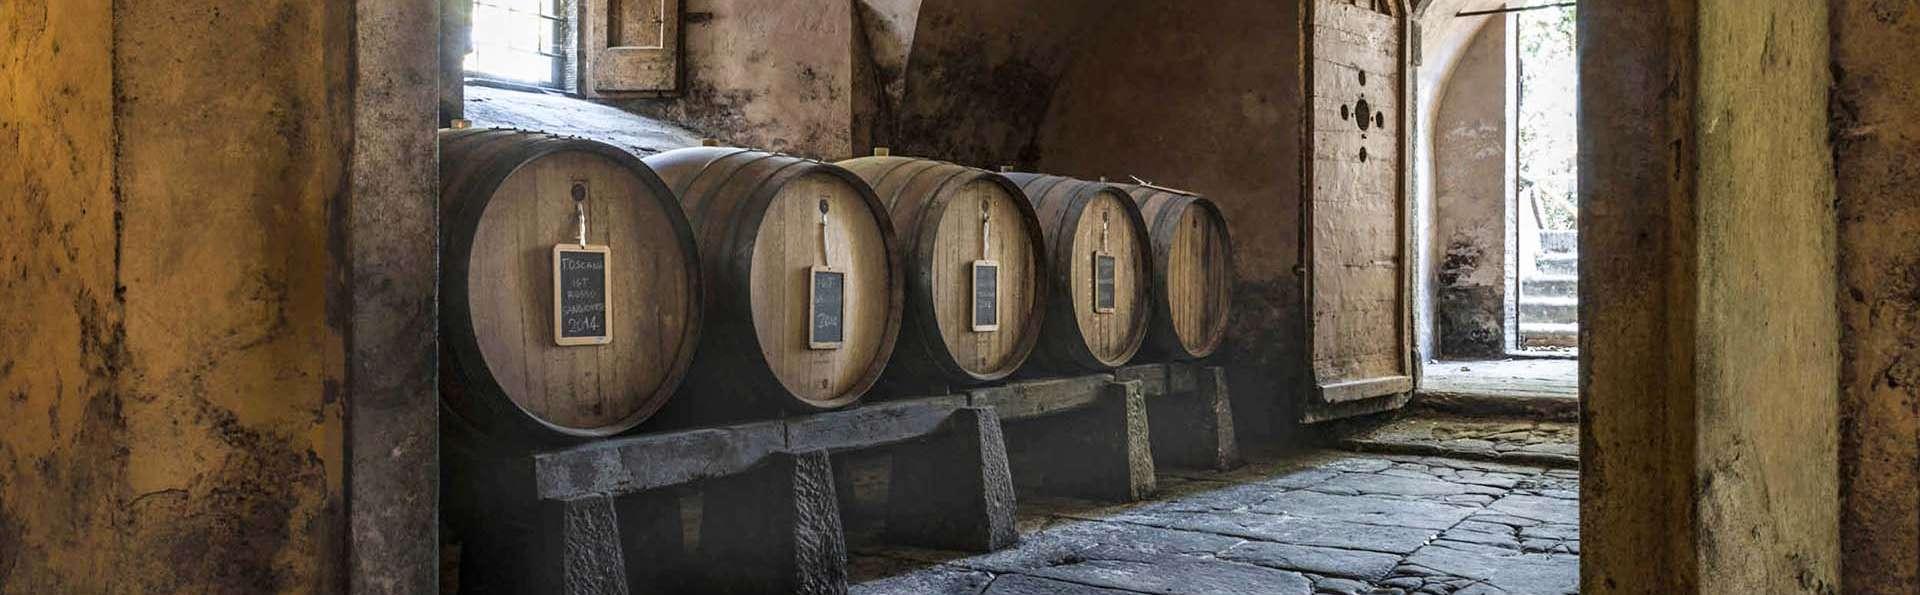 Week-end avec dégustation de vins, dans une propriété florentine située dans les collines du Chianti